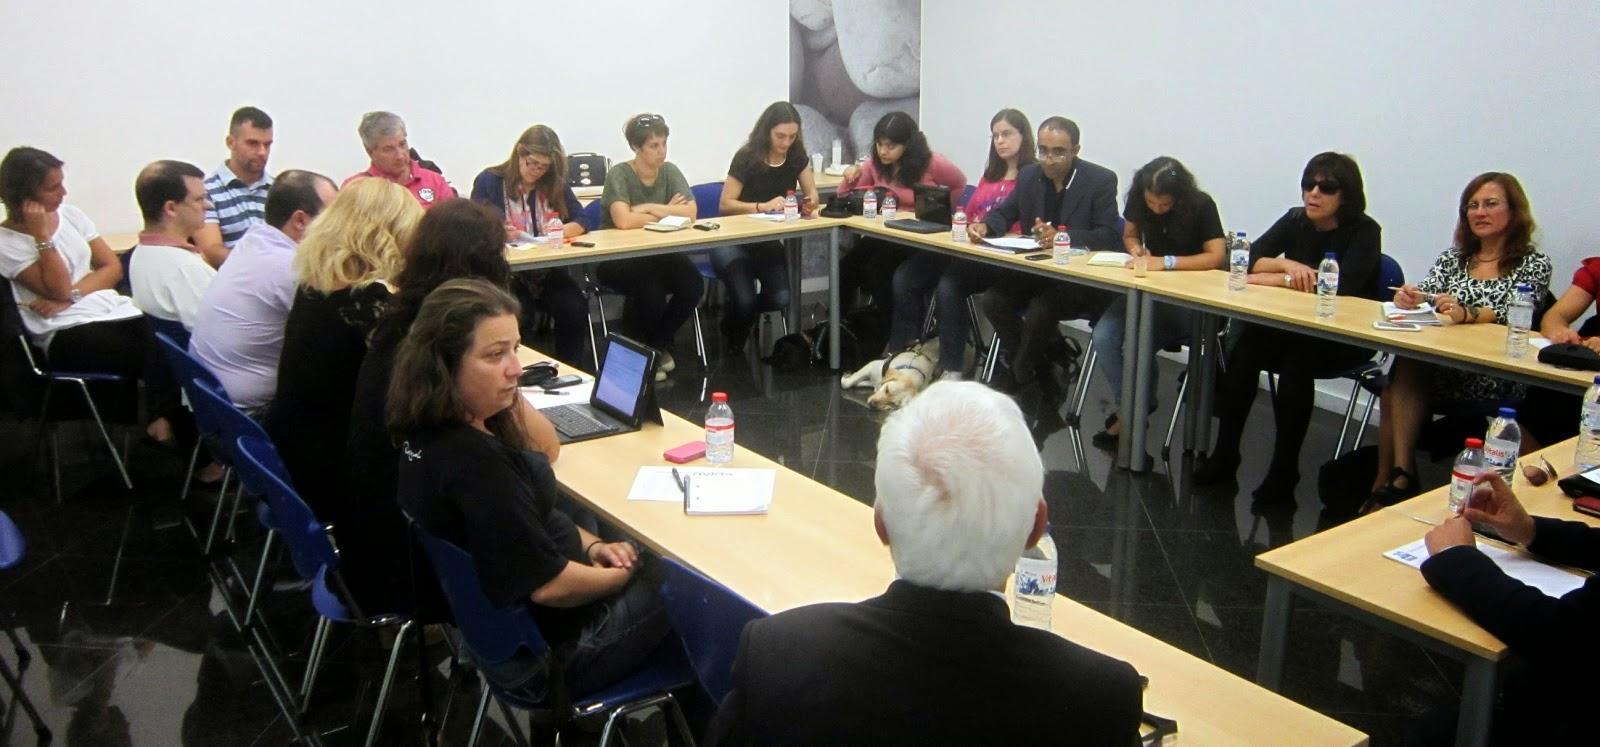 Fotografia geral da sala e dos participantes presentes no Fórum